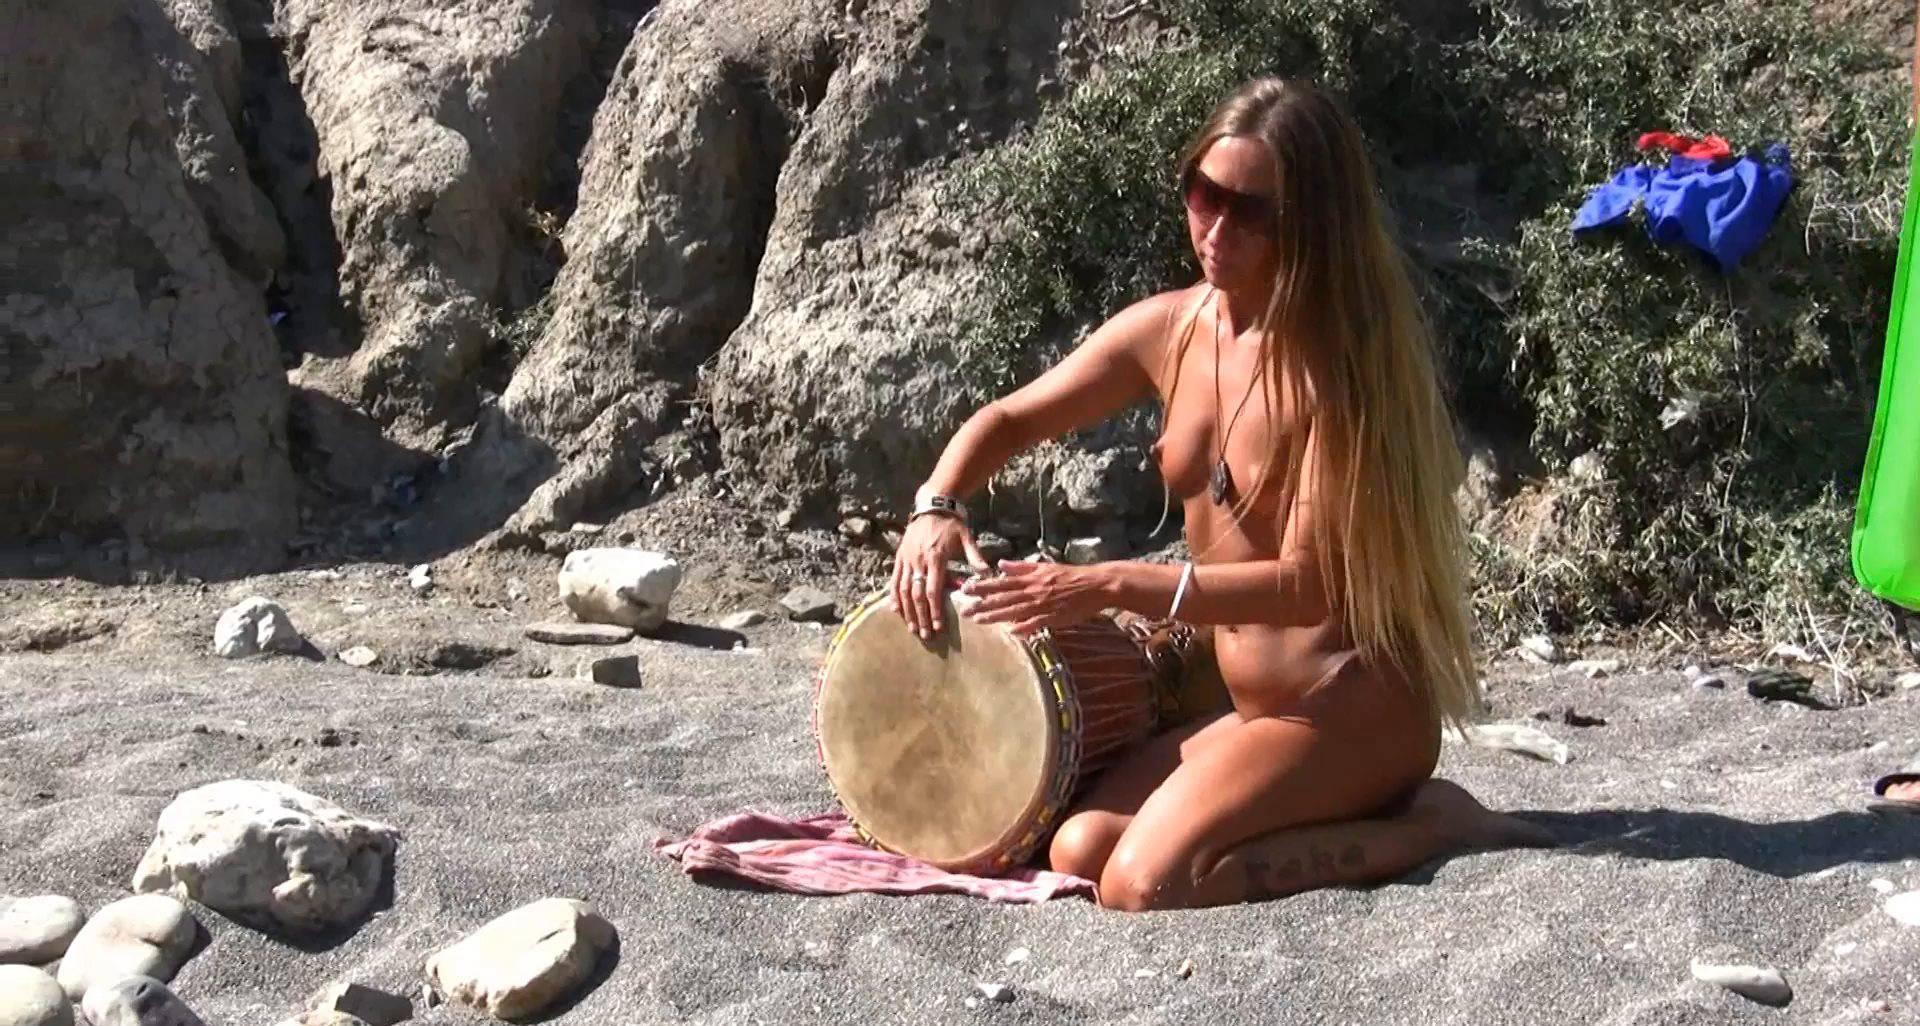 Nudist Movies The Vast Oceanfront - 2